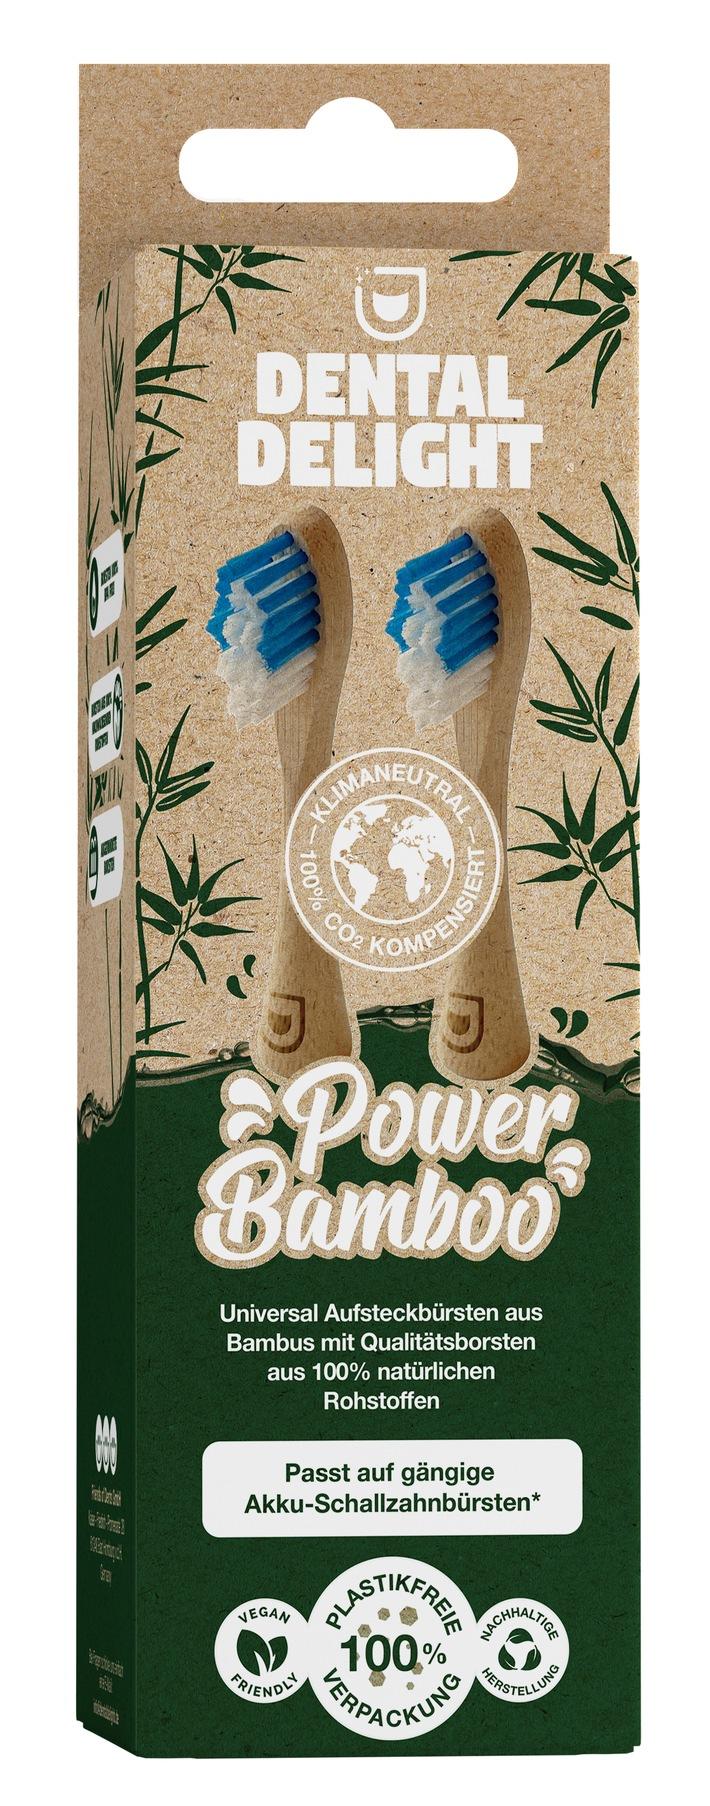 Dental Delight_Power Bamboo.jpg